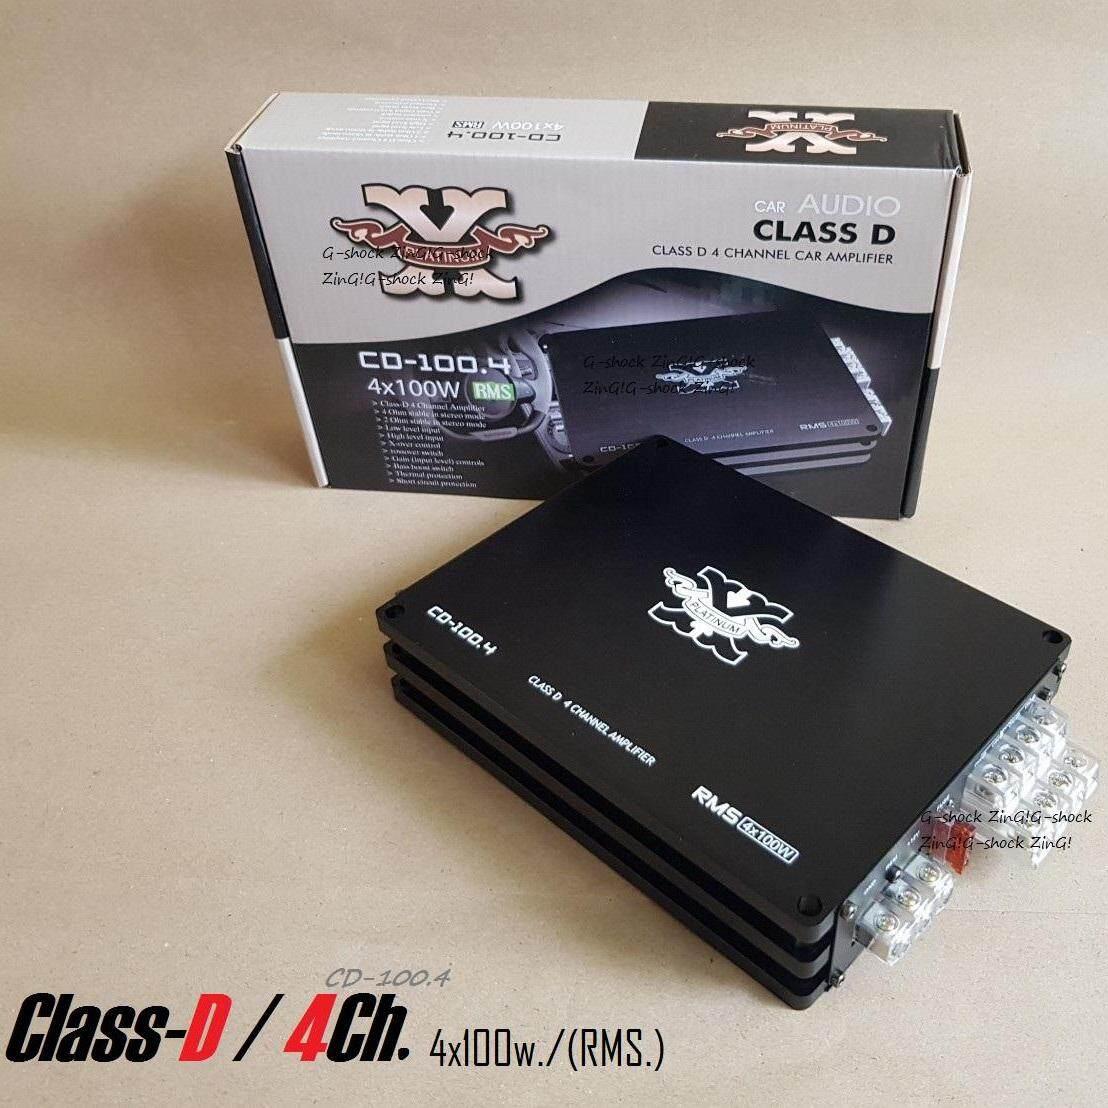 สุดยอดสินค้า!! PLATINUM-X เพาเวอร์แอมป์  Class-D / 4Ch.(4x100W)RMS. สำหรับขับเสียงกลางแหลมหรือซับเบส ในตัวเดียวกัน PLATINUM-X รุ่น CD-100.4= 1 (สีดำ)